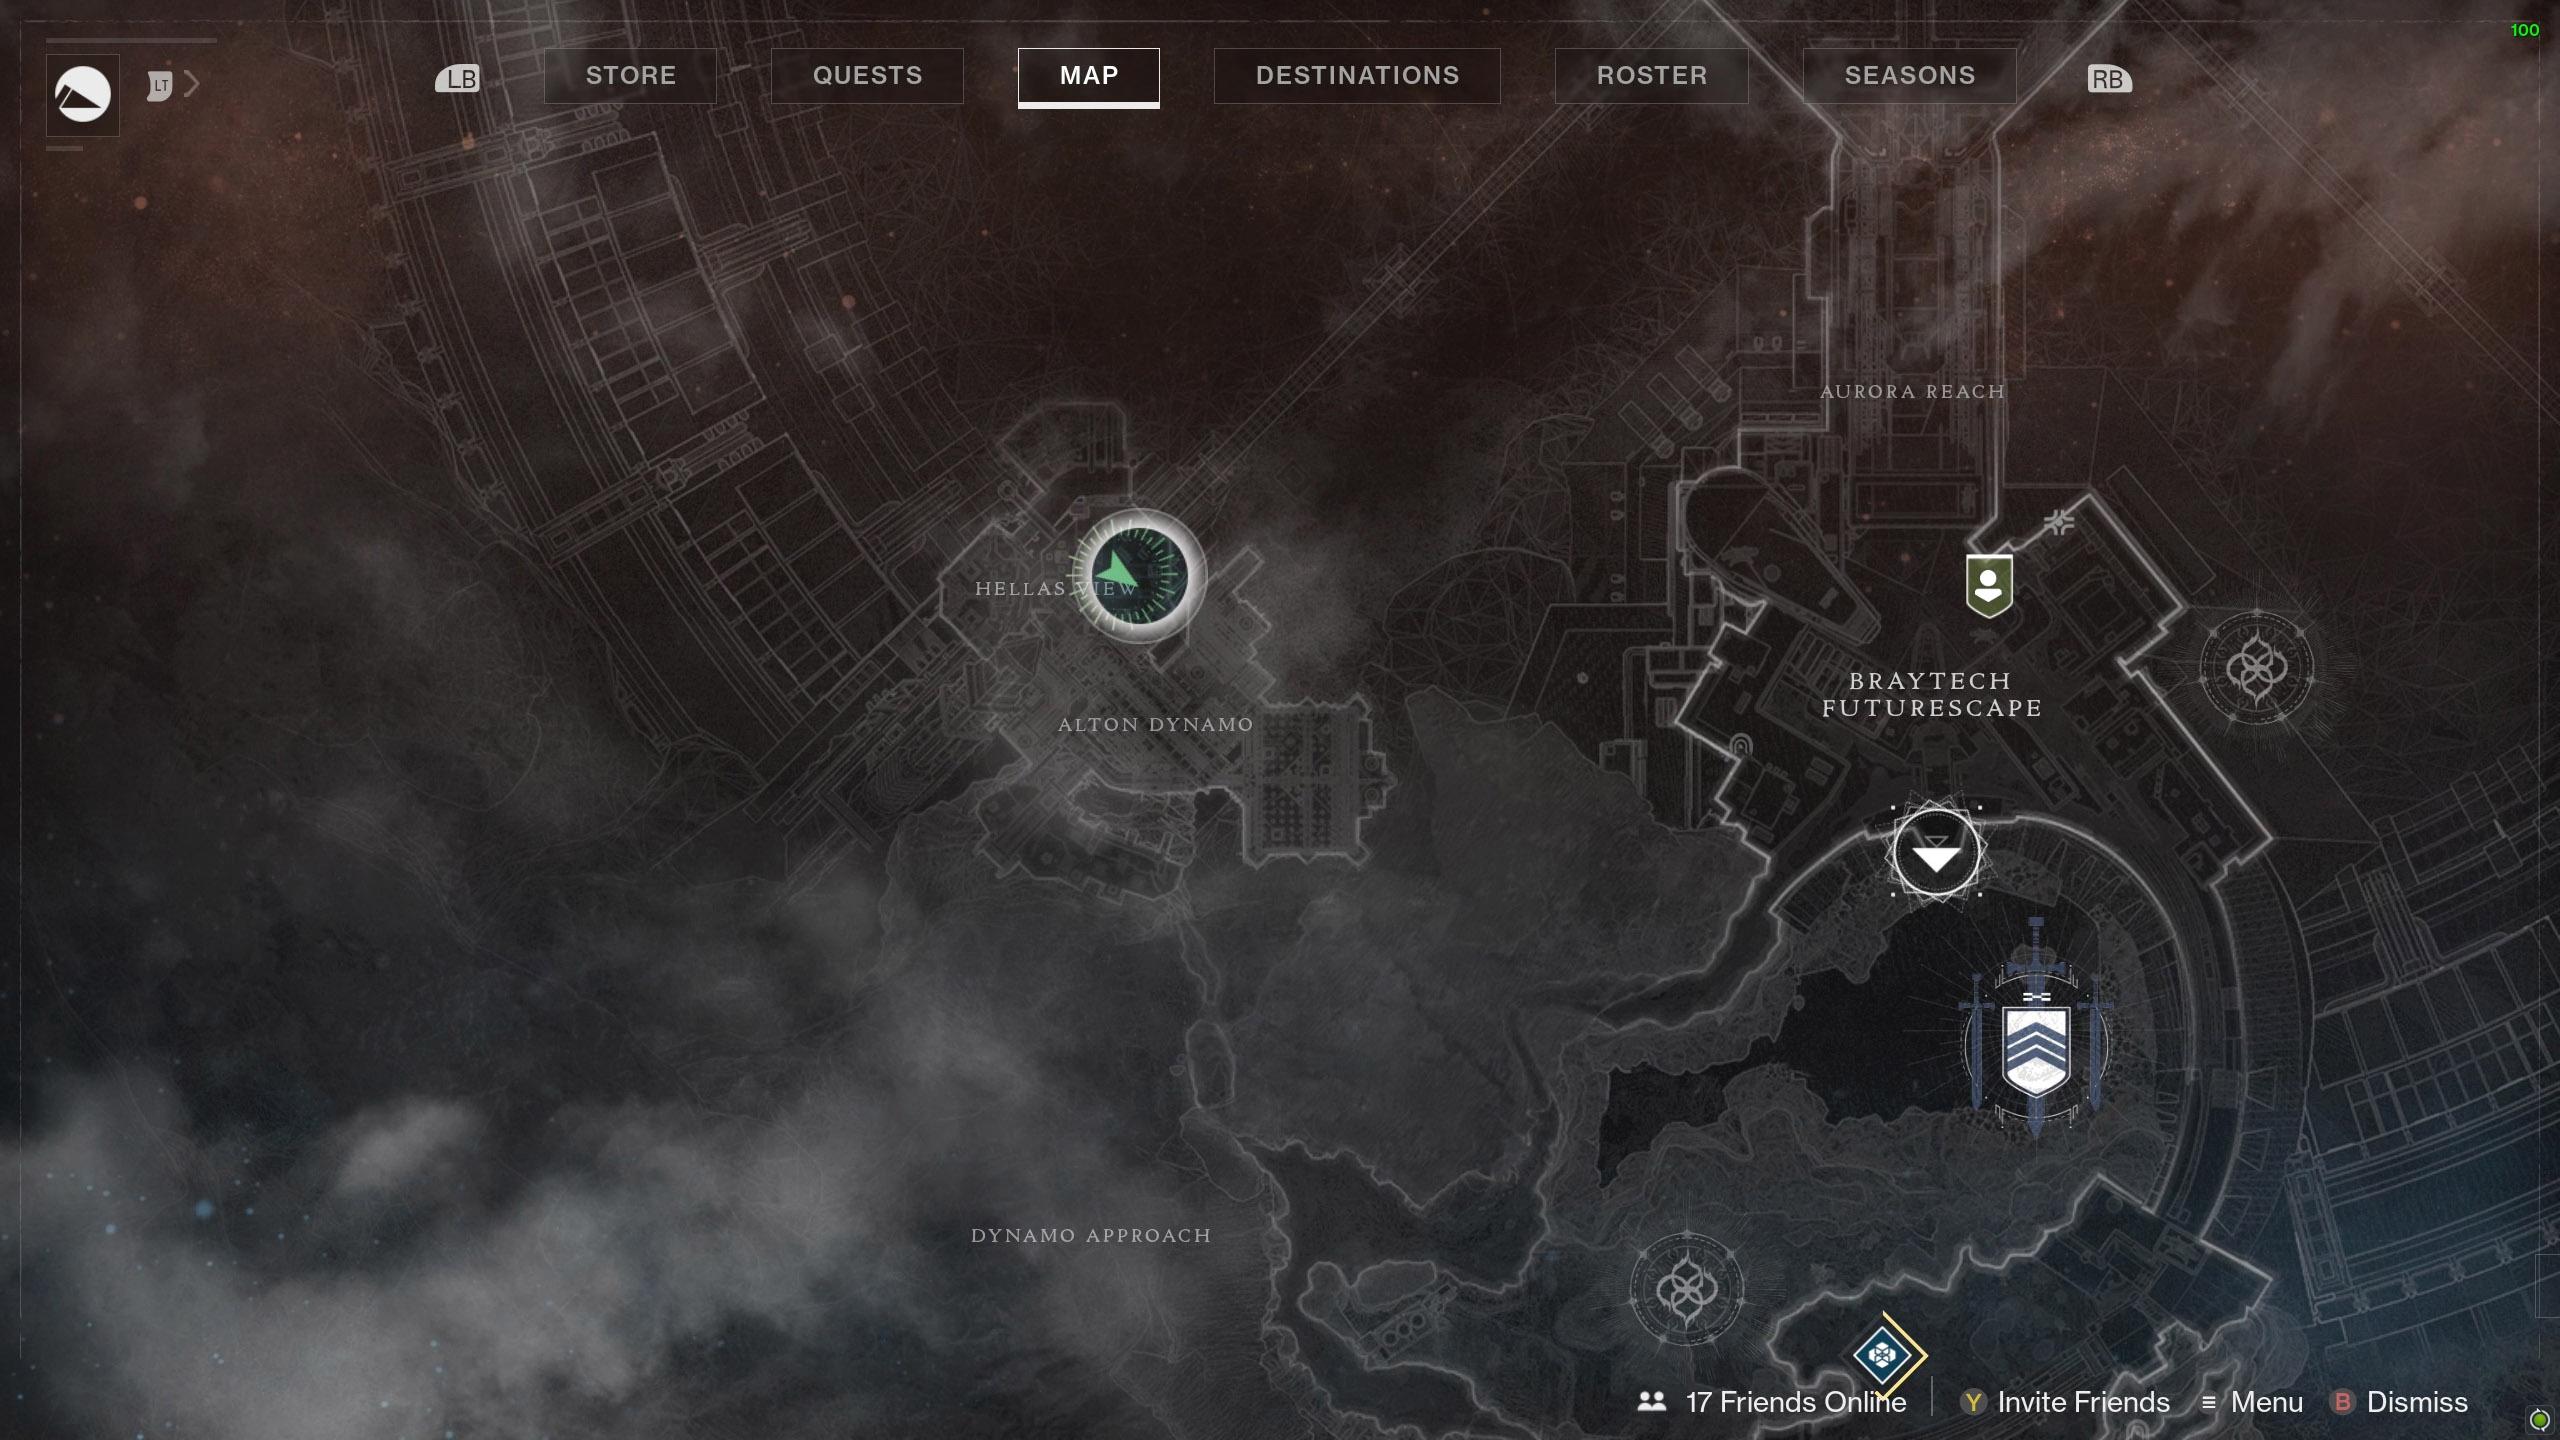 Destiny 2 Savathuns Eyes Mars Alton Dynamo map